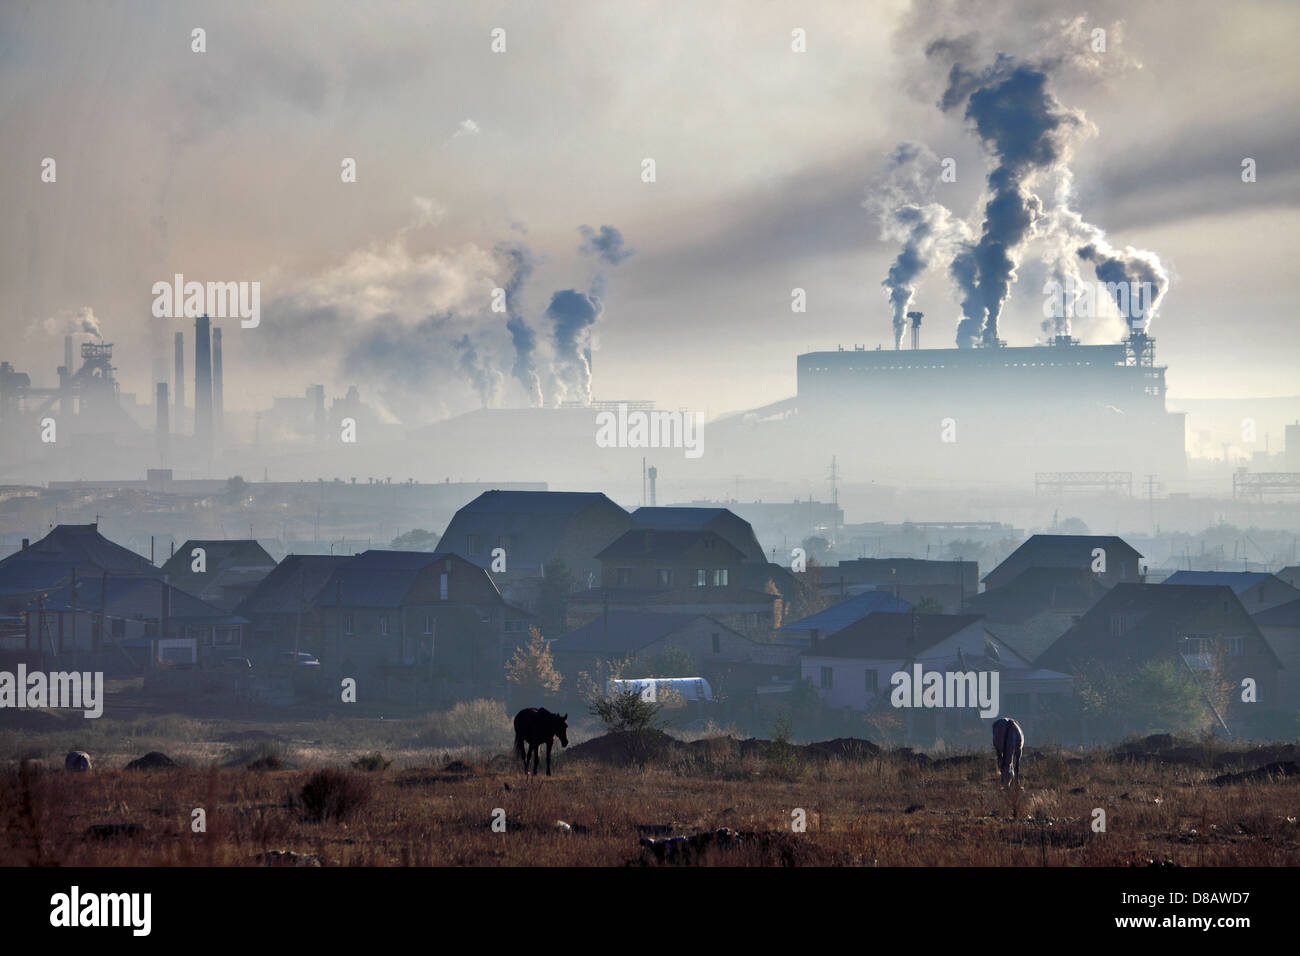 Karaganda - air pollution by steel-works ( Arselor Mittal Temirtau ) - Stock Image